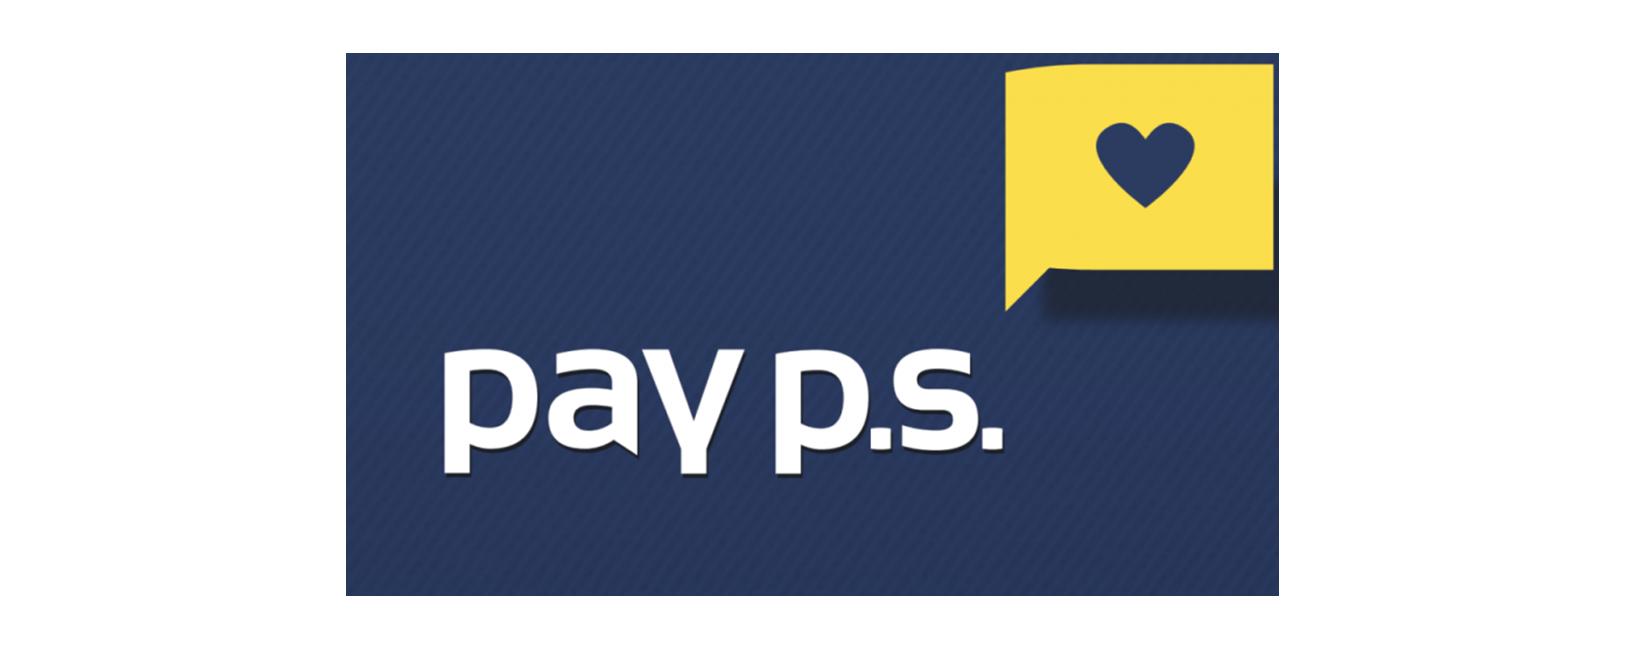 pay ps личный кабинет онлайн